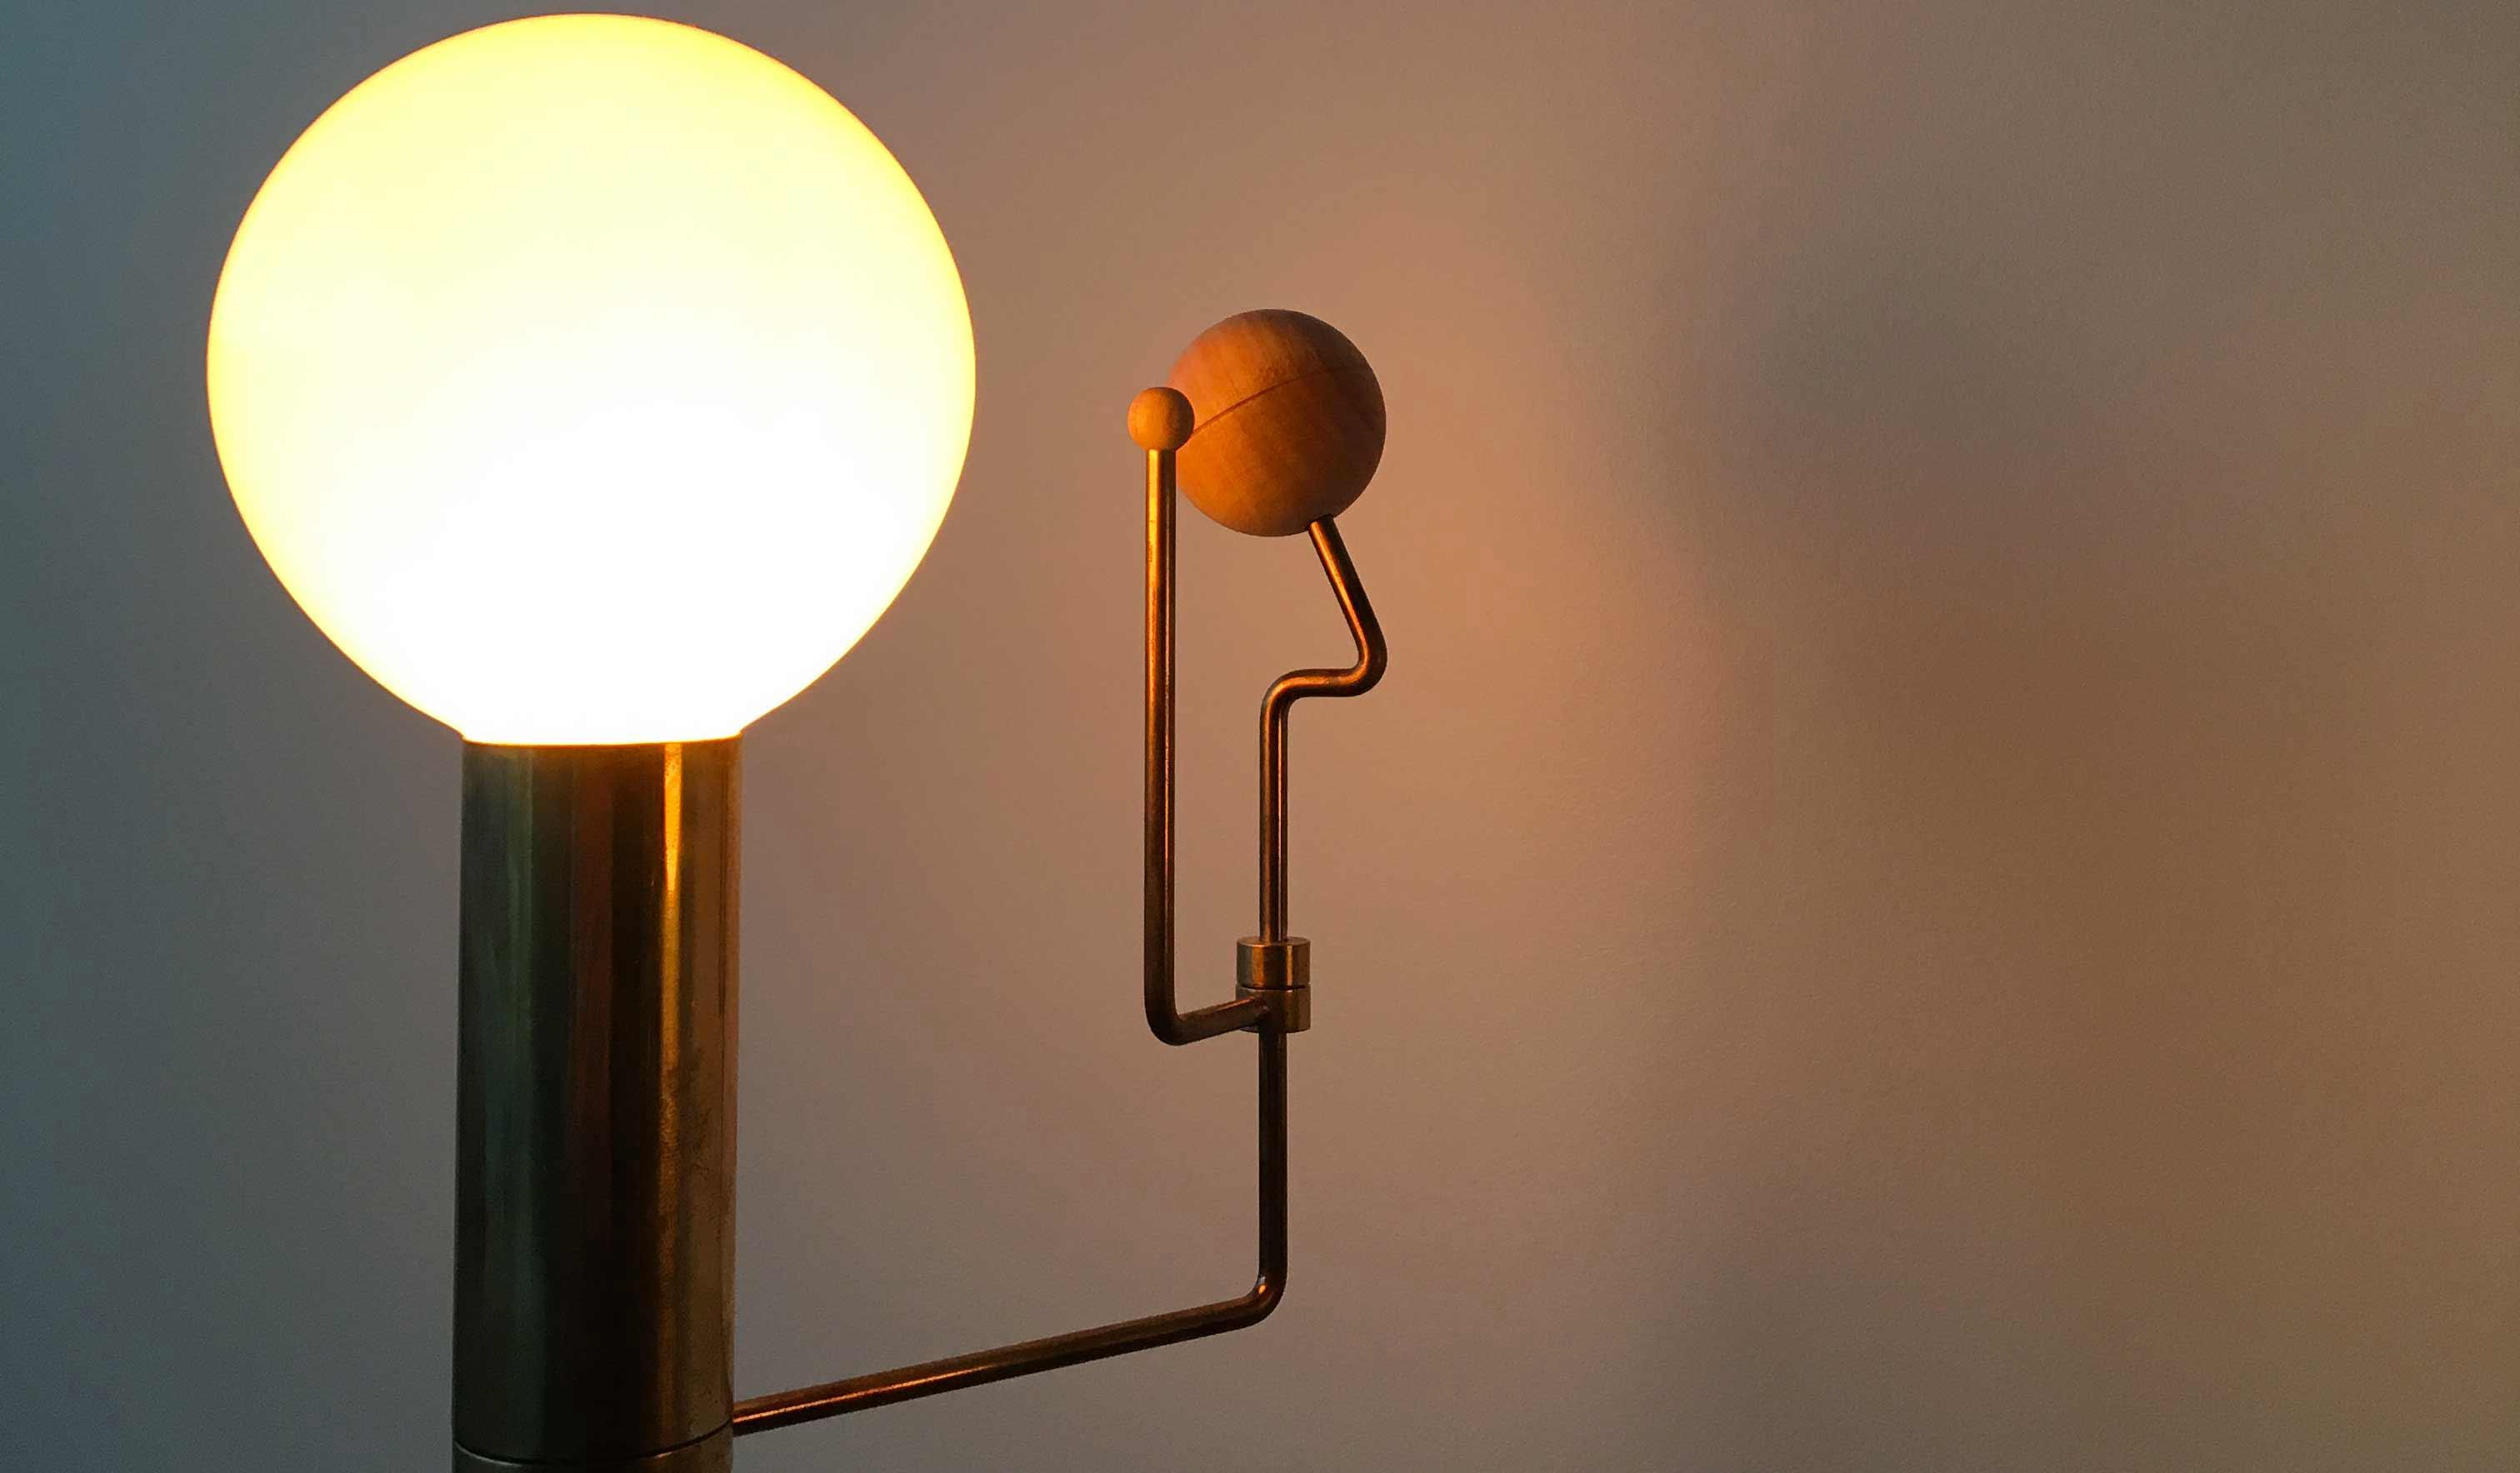 lampe soleil fabulous popular lampe soleil with lampe soleil latest toutes ces lampes sont. Black Bedroom Furniture Sets. Home Design Ideas